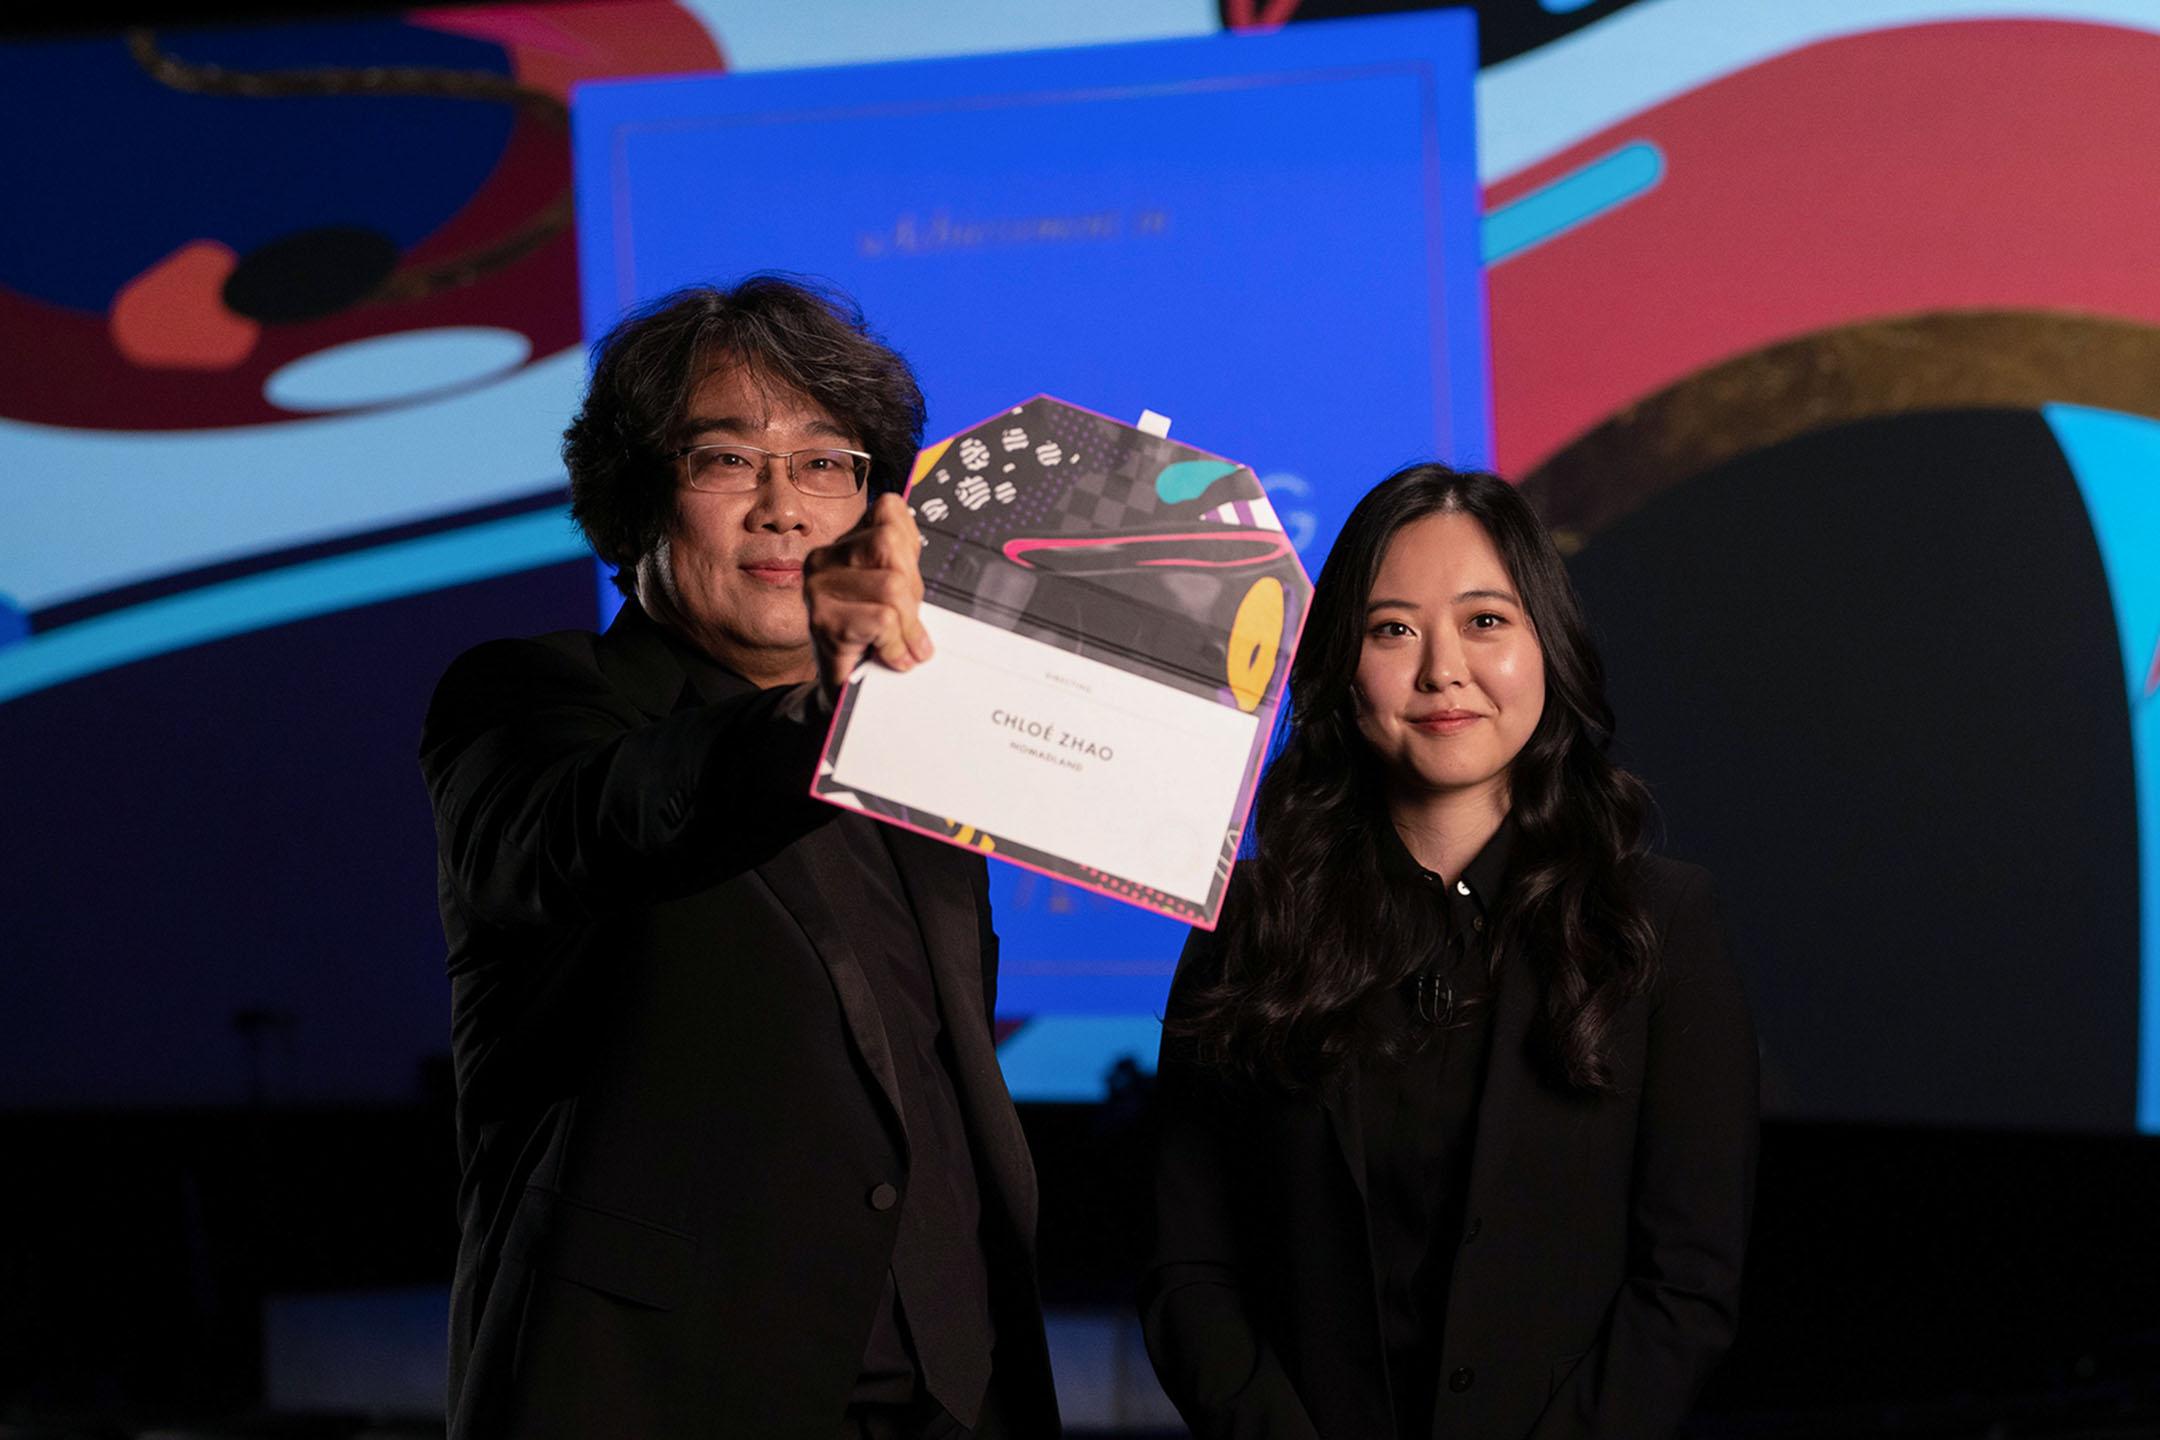 2021年4月25日洛杉磯,奉俊昊在第93屆奧斯卡金像獎頒獎典禮上頒發最佳導演獎。